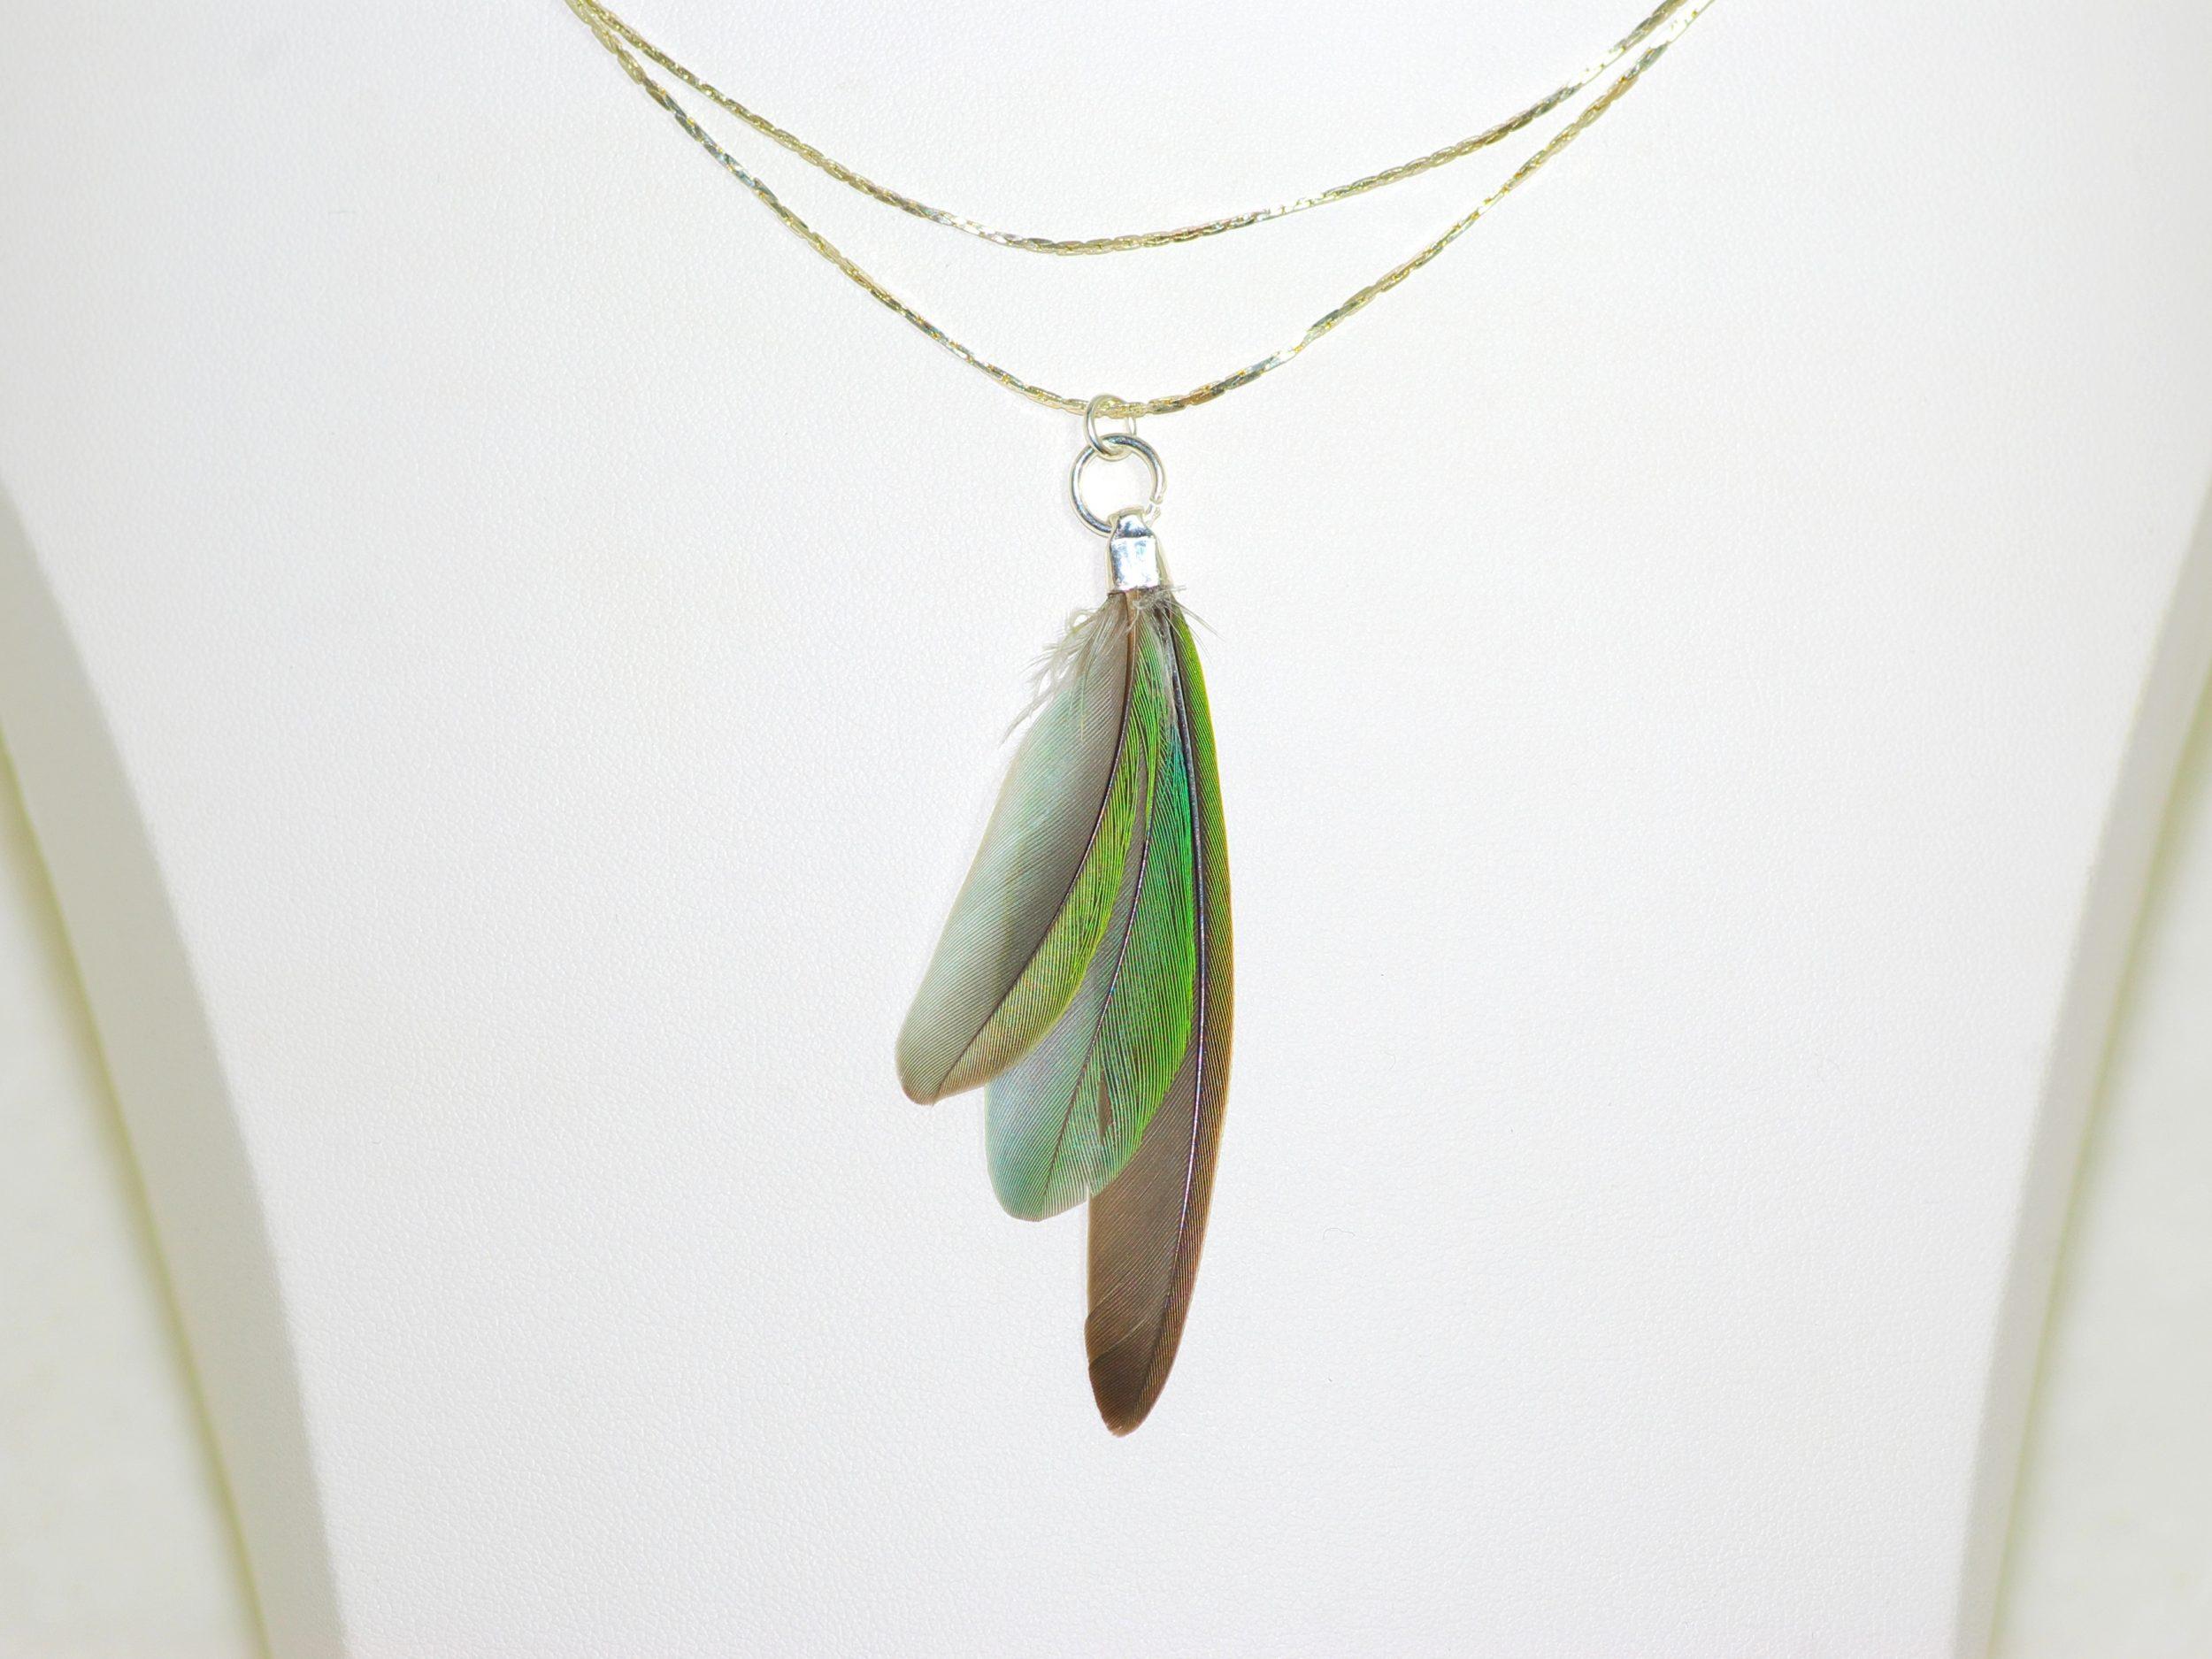 collier avec un pendentif plumes en éventail, plumes vert-gris, chaînes en inox